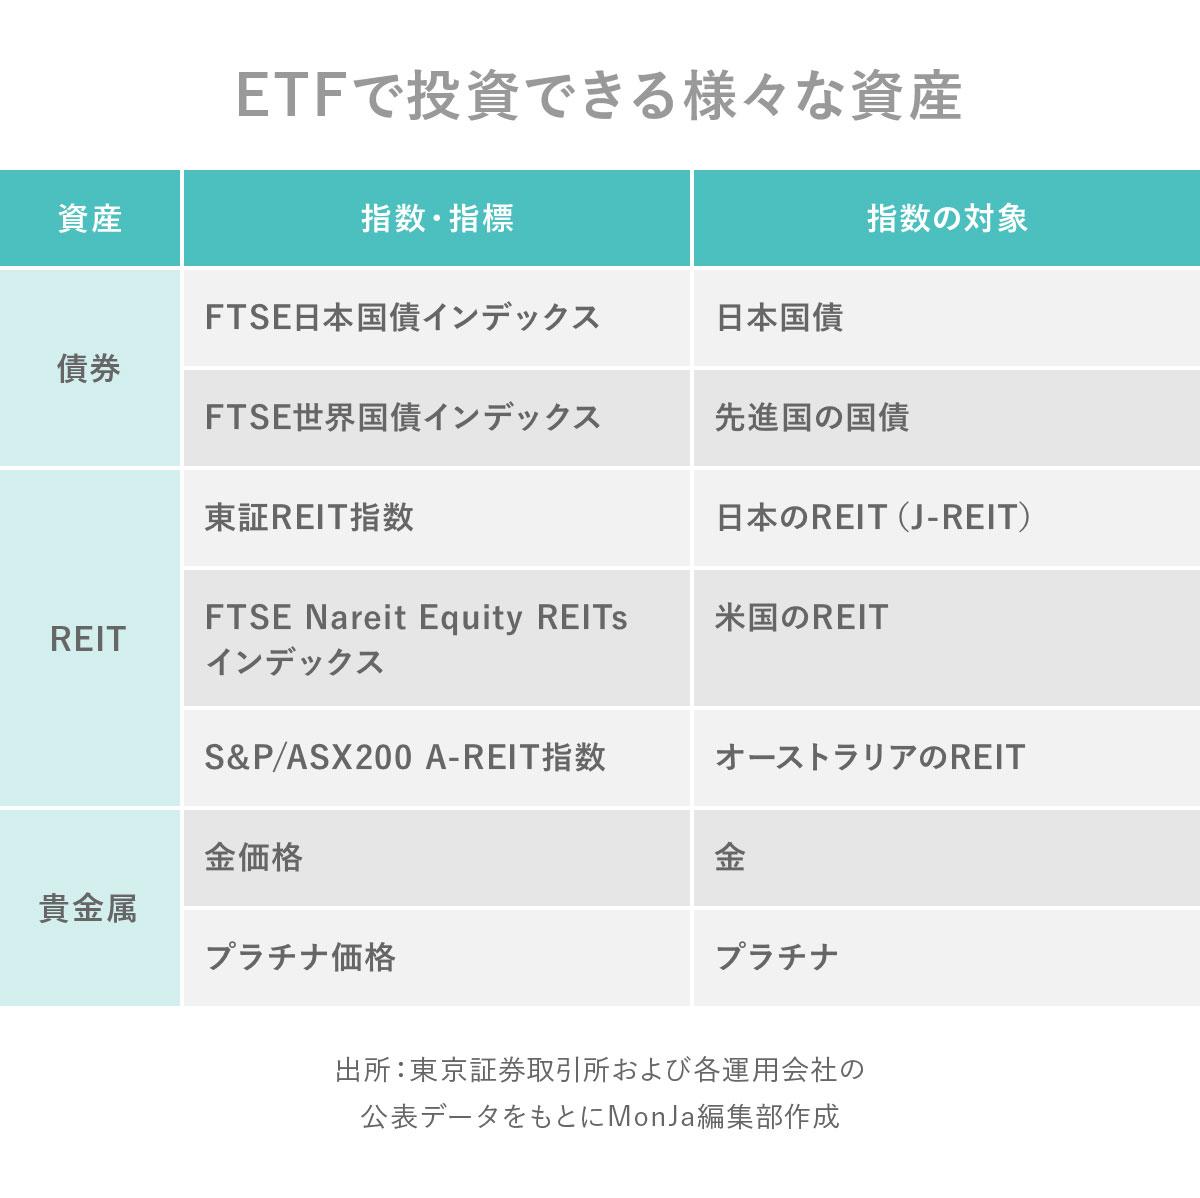 ETFで投資できる様々な資産